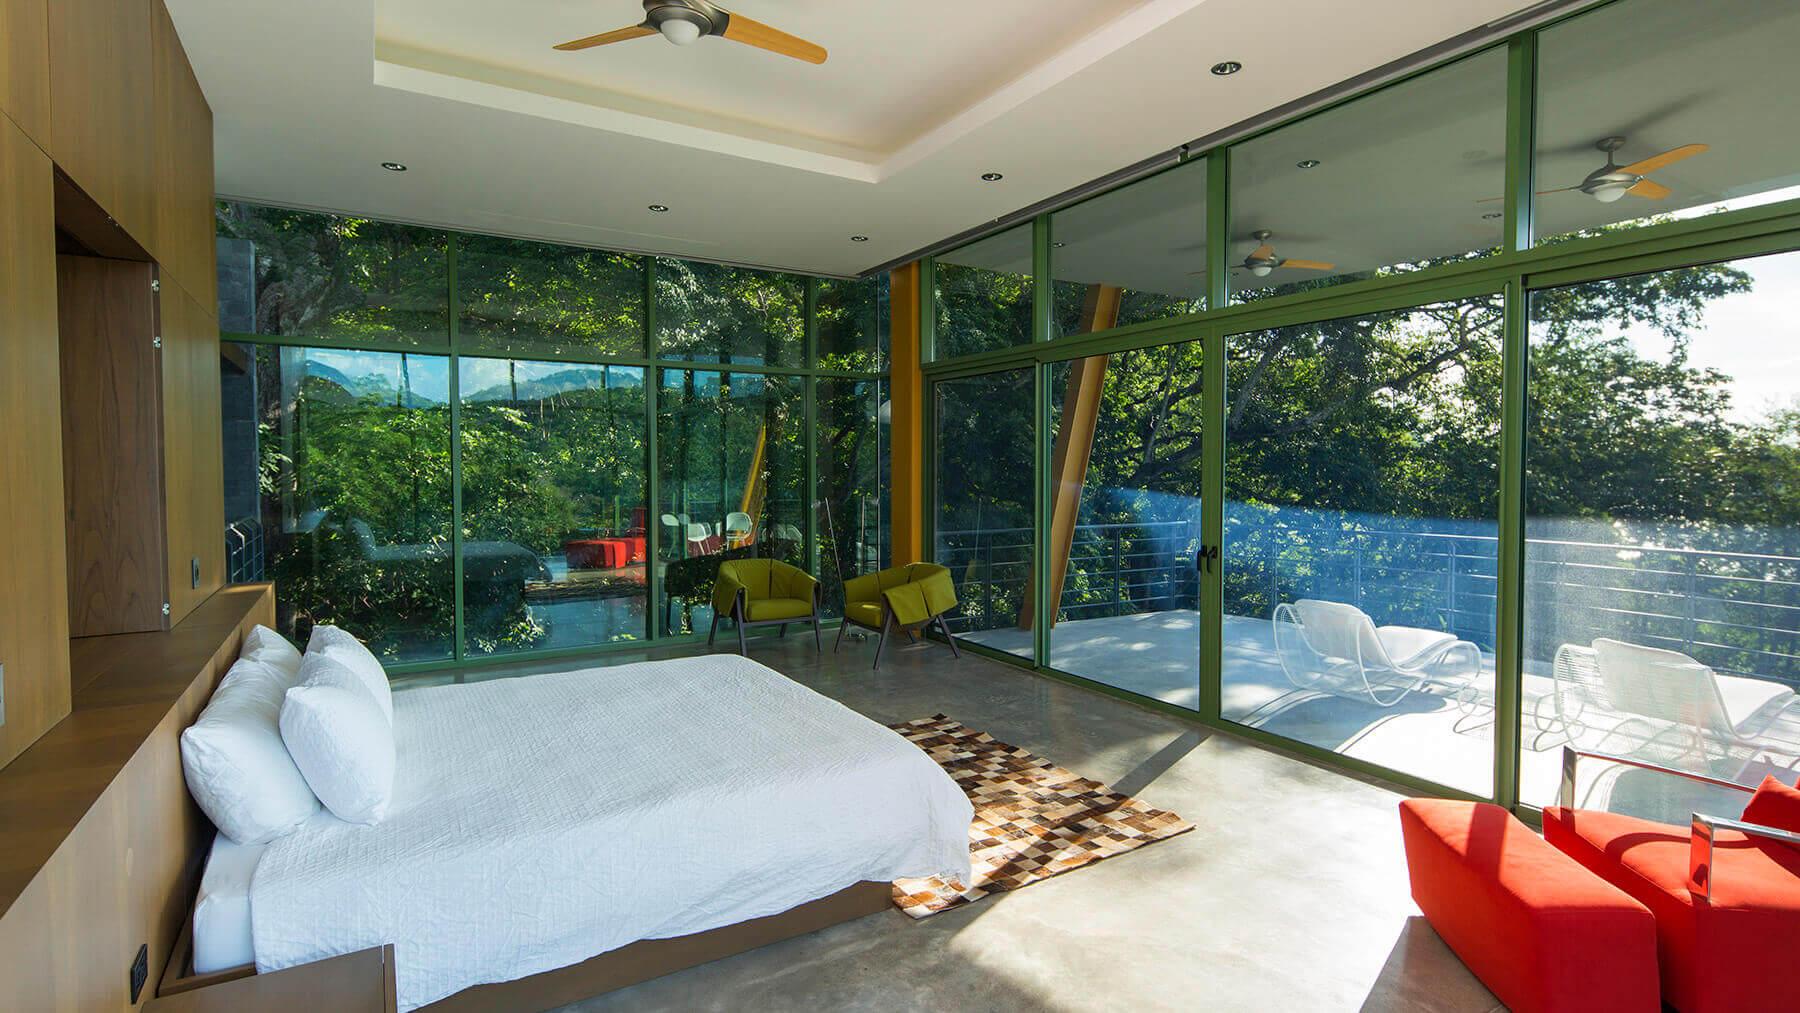 خانه مخفی مجلل با دکوراسیون زیبا در کاستاریکا + تصاویر